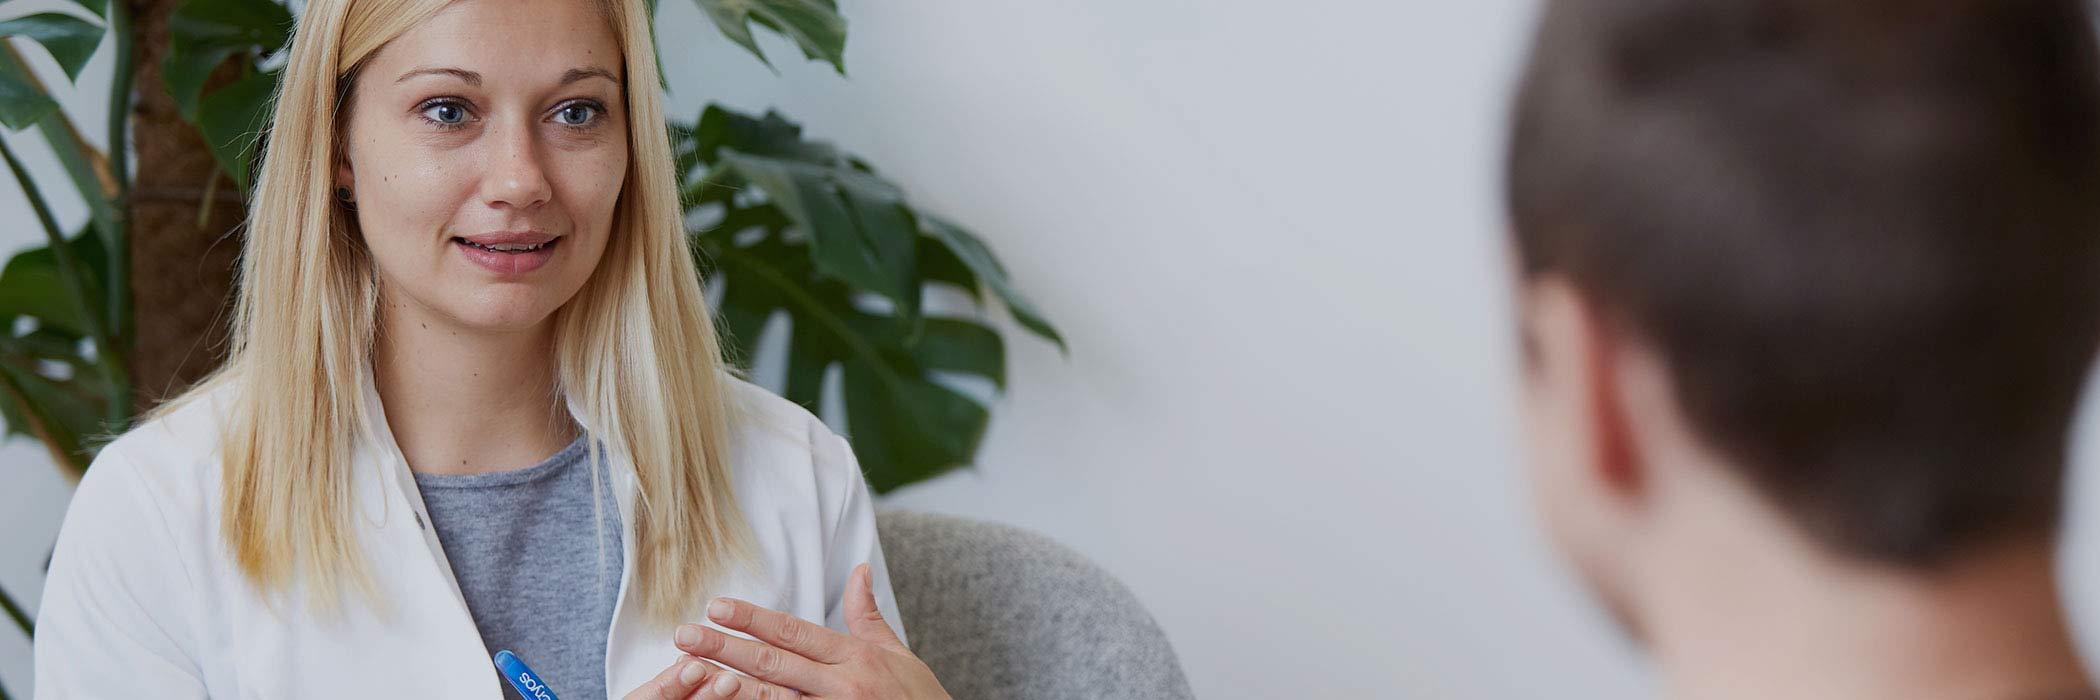 Infirmière de Cryos expliquant comment Cryos sélectionne les donneurs pour garantir la meilleure qualité possible des paillettes de sperme